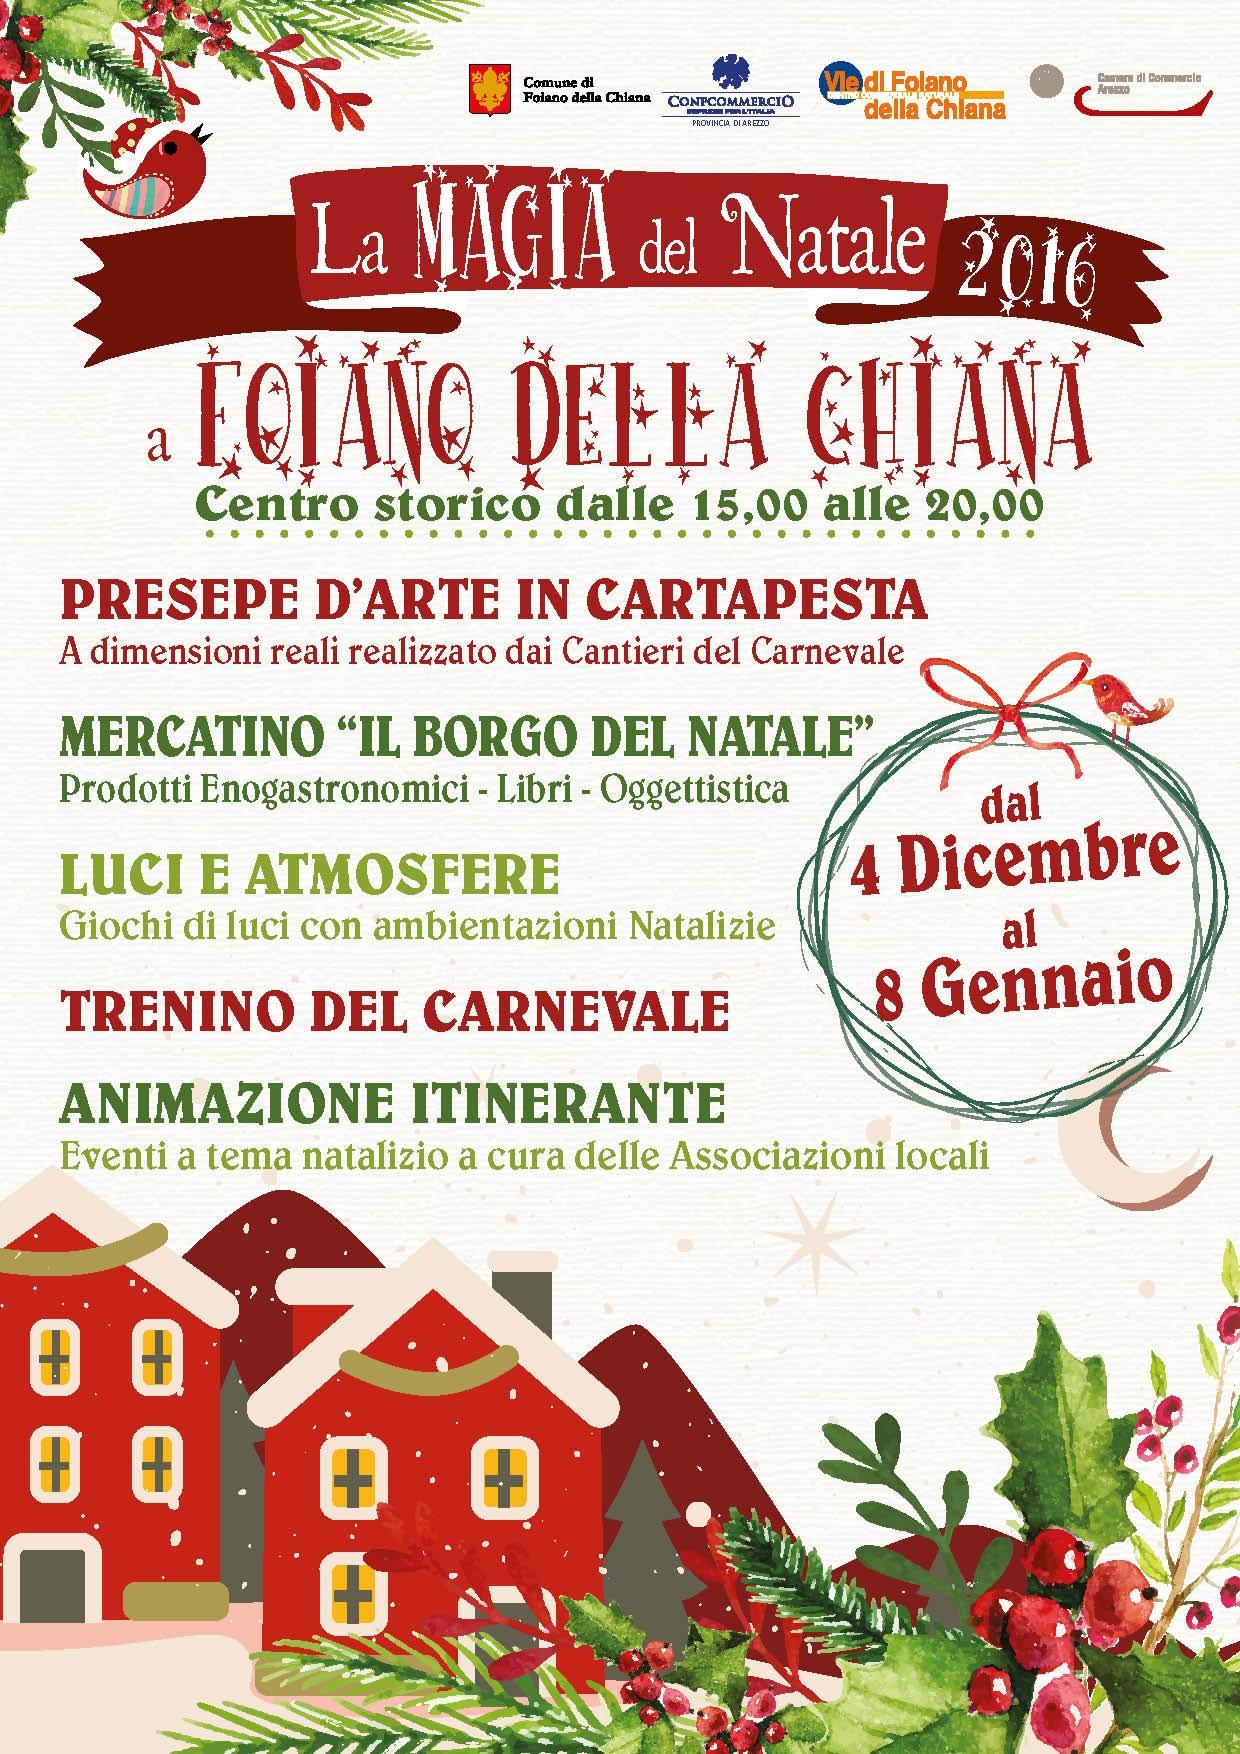 'La magia del Natale', tutte le iniziative delle feste a Foiano